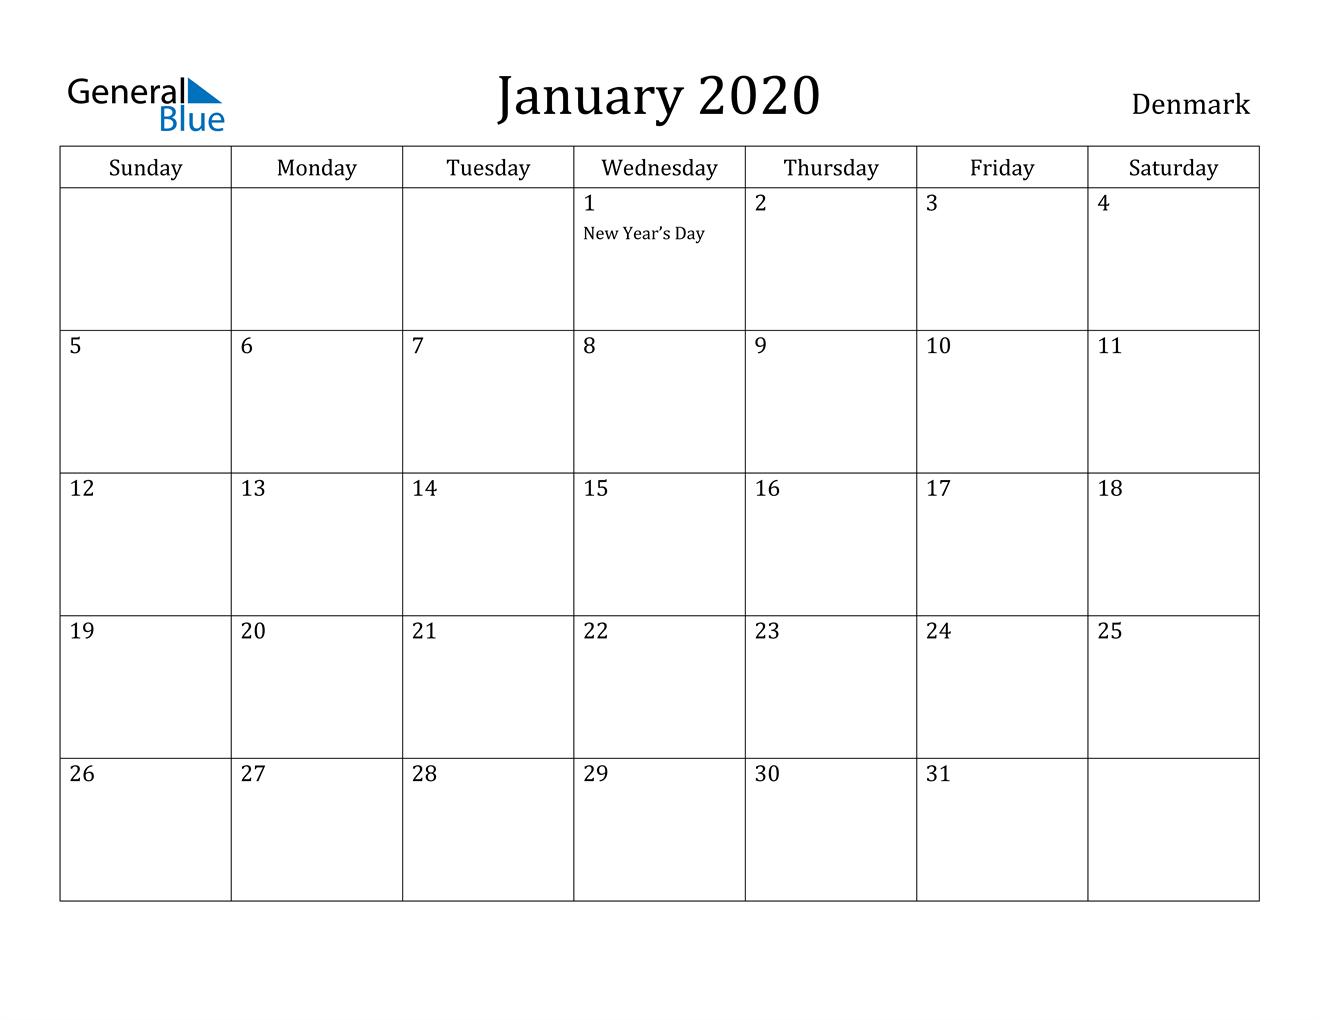 Image of January 2020 Denmark Calendar with Holidays Calendar